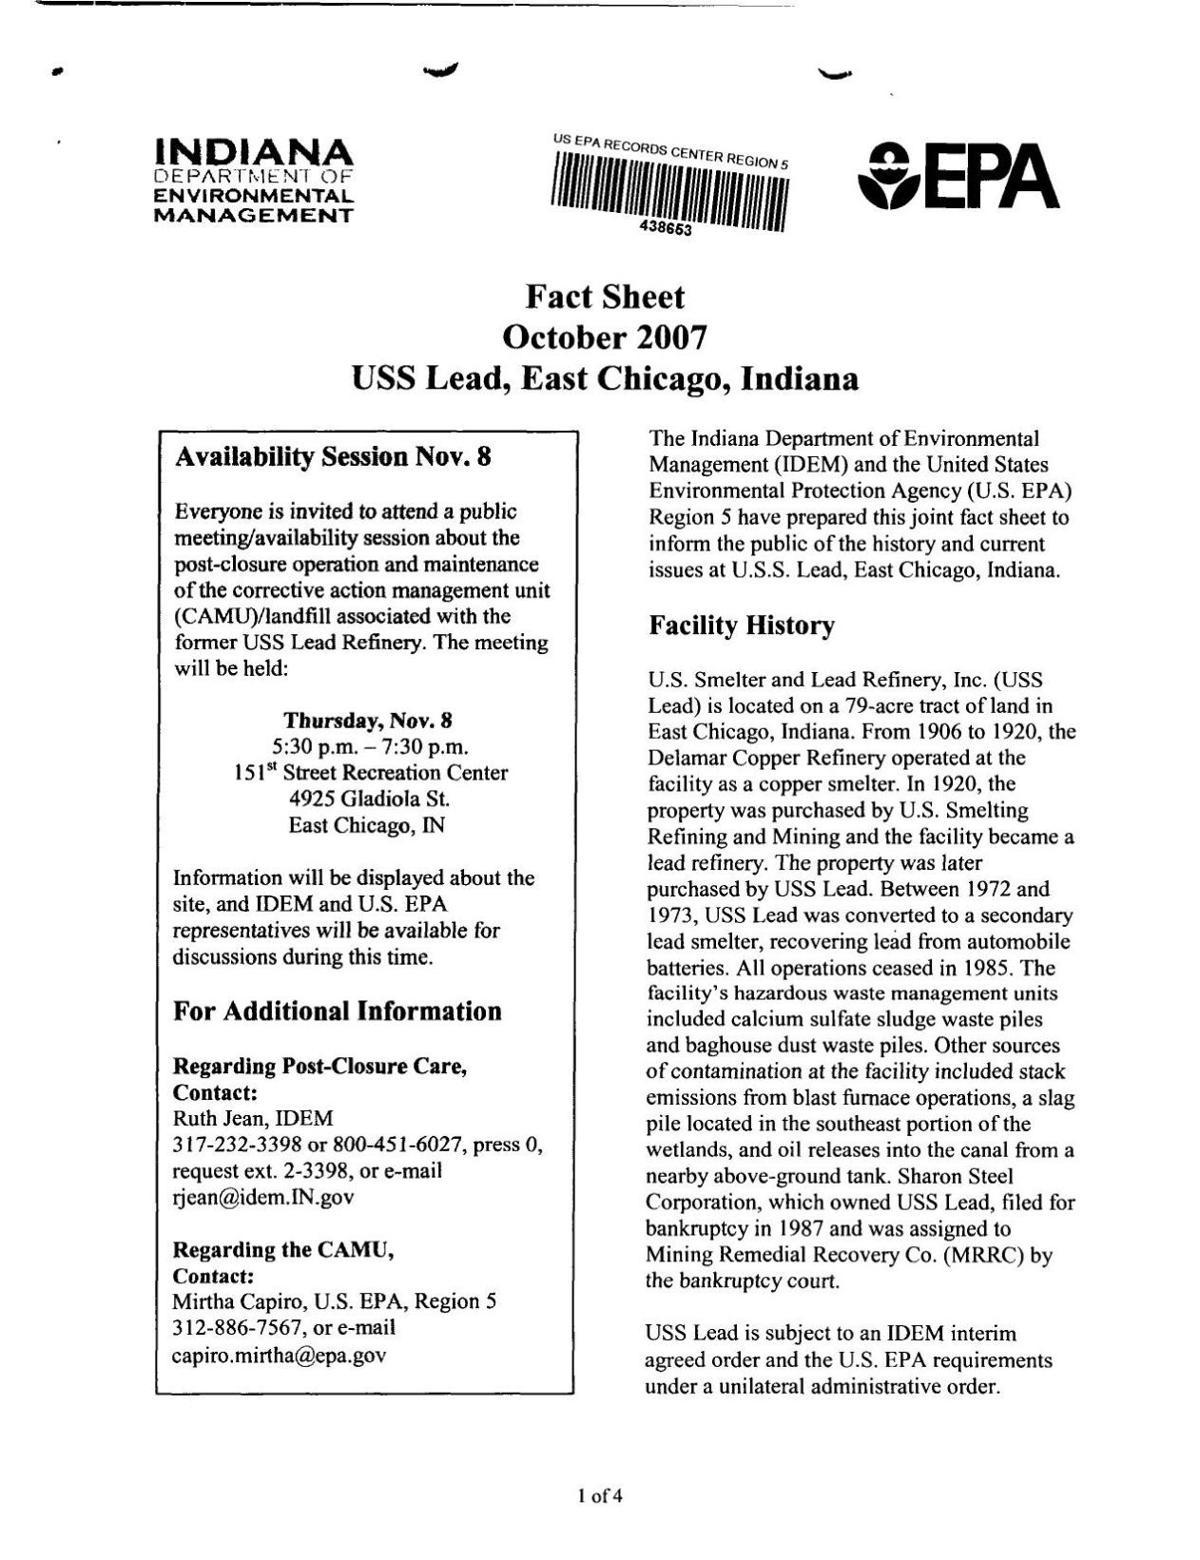 2007 EPA fact sheet